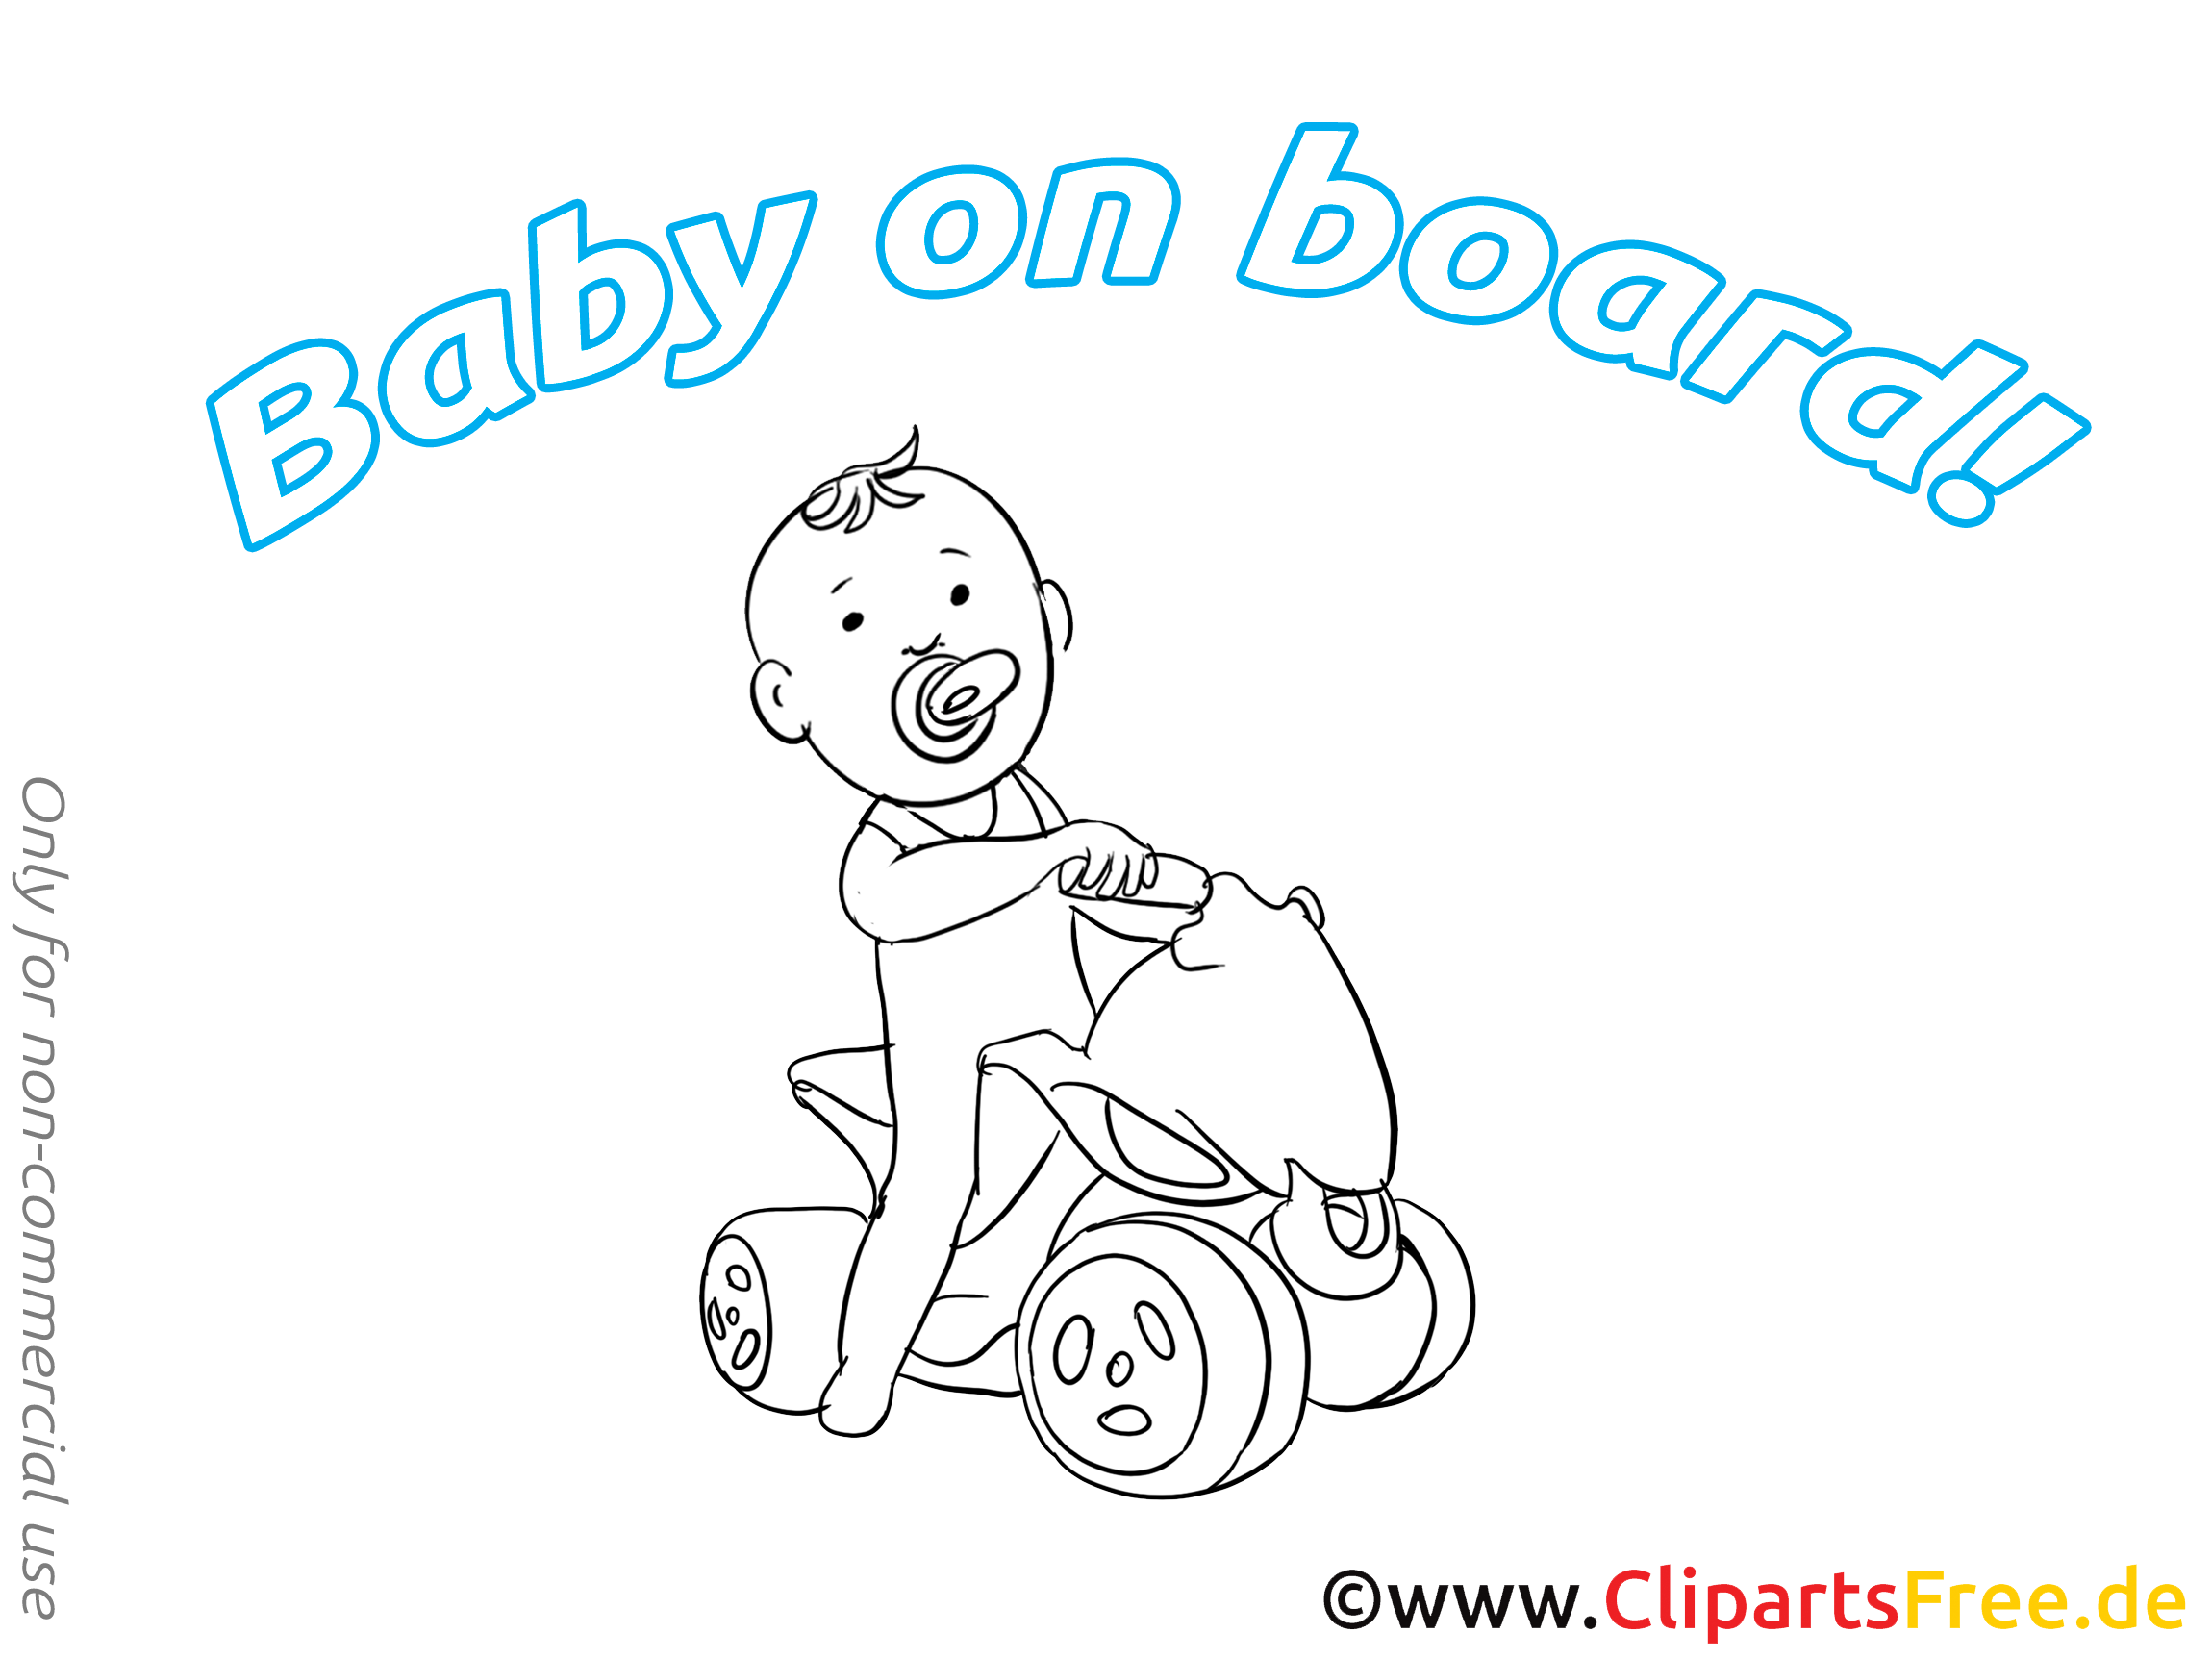 Dessin à colorier quadricycle – Bébé à bord clip arts gratuits